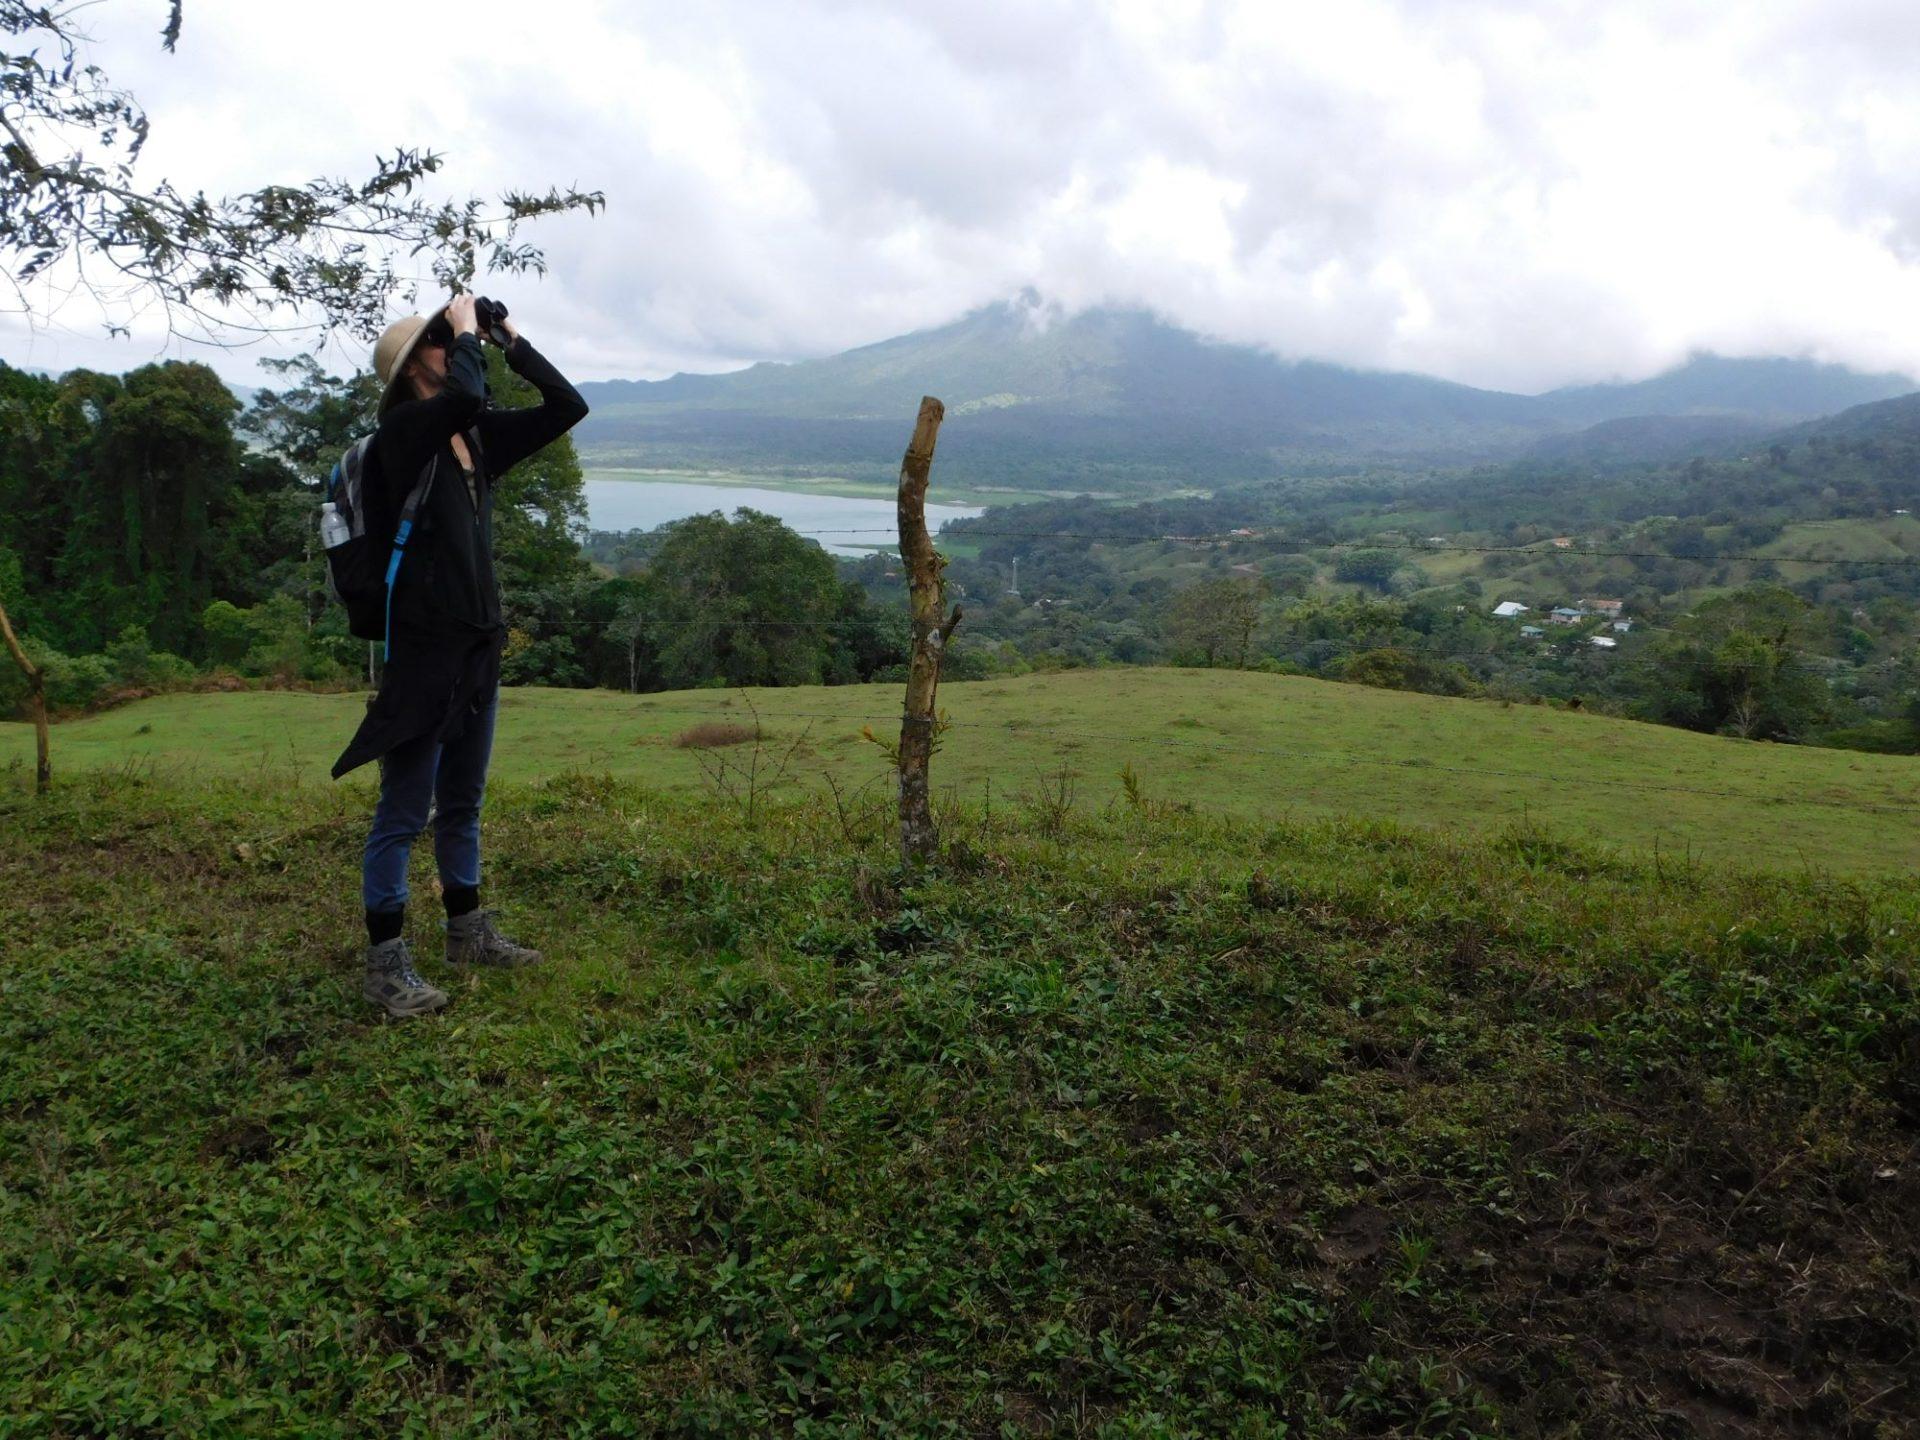 wp-content/uploads/itineraries/Costa-Rica/Day2OTGranchomargot.jpg